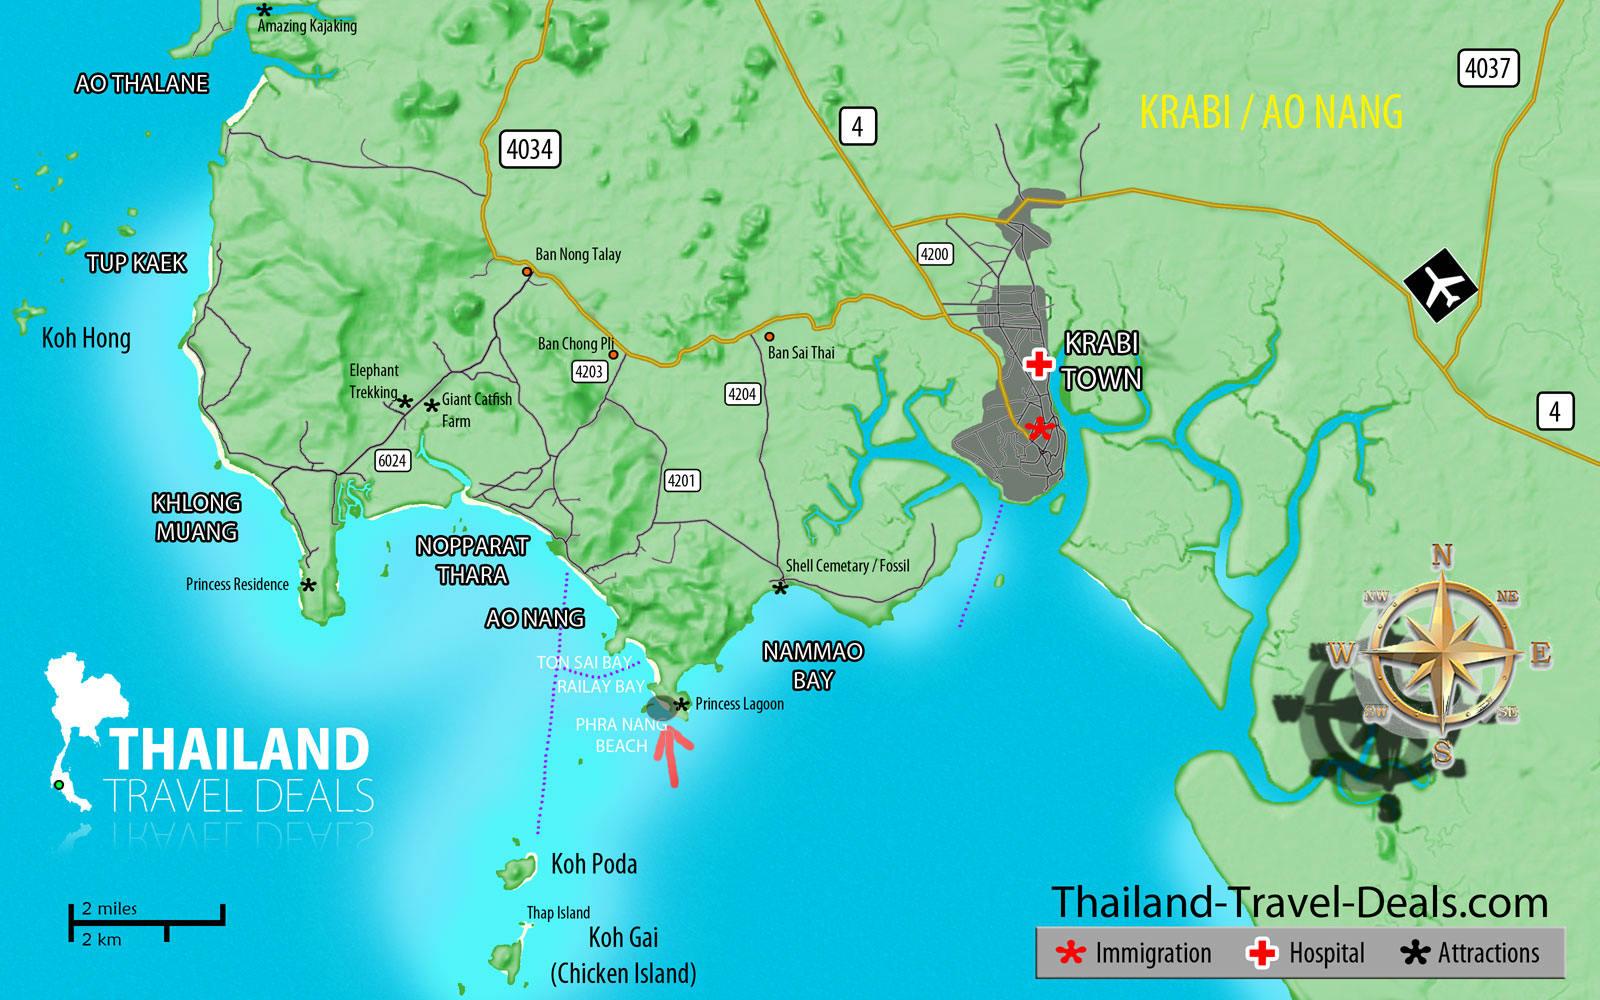 Hotels at phra nang beach